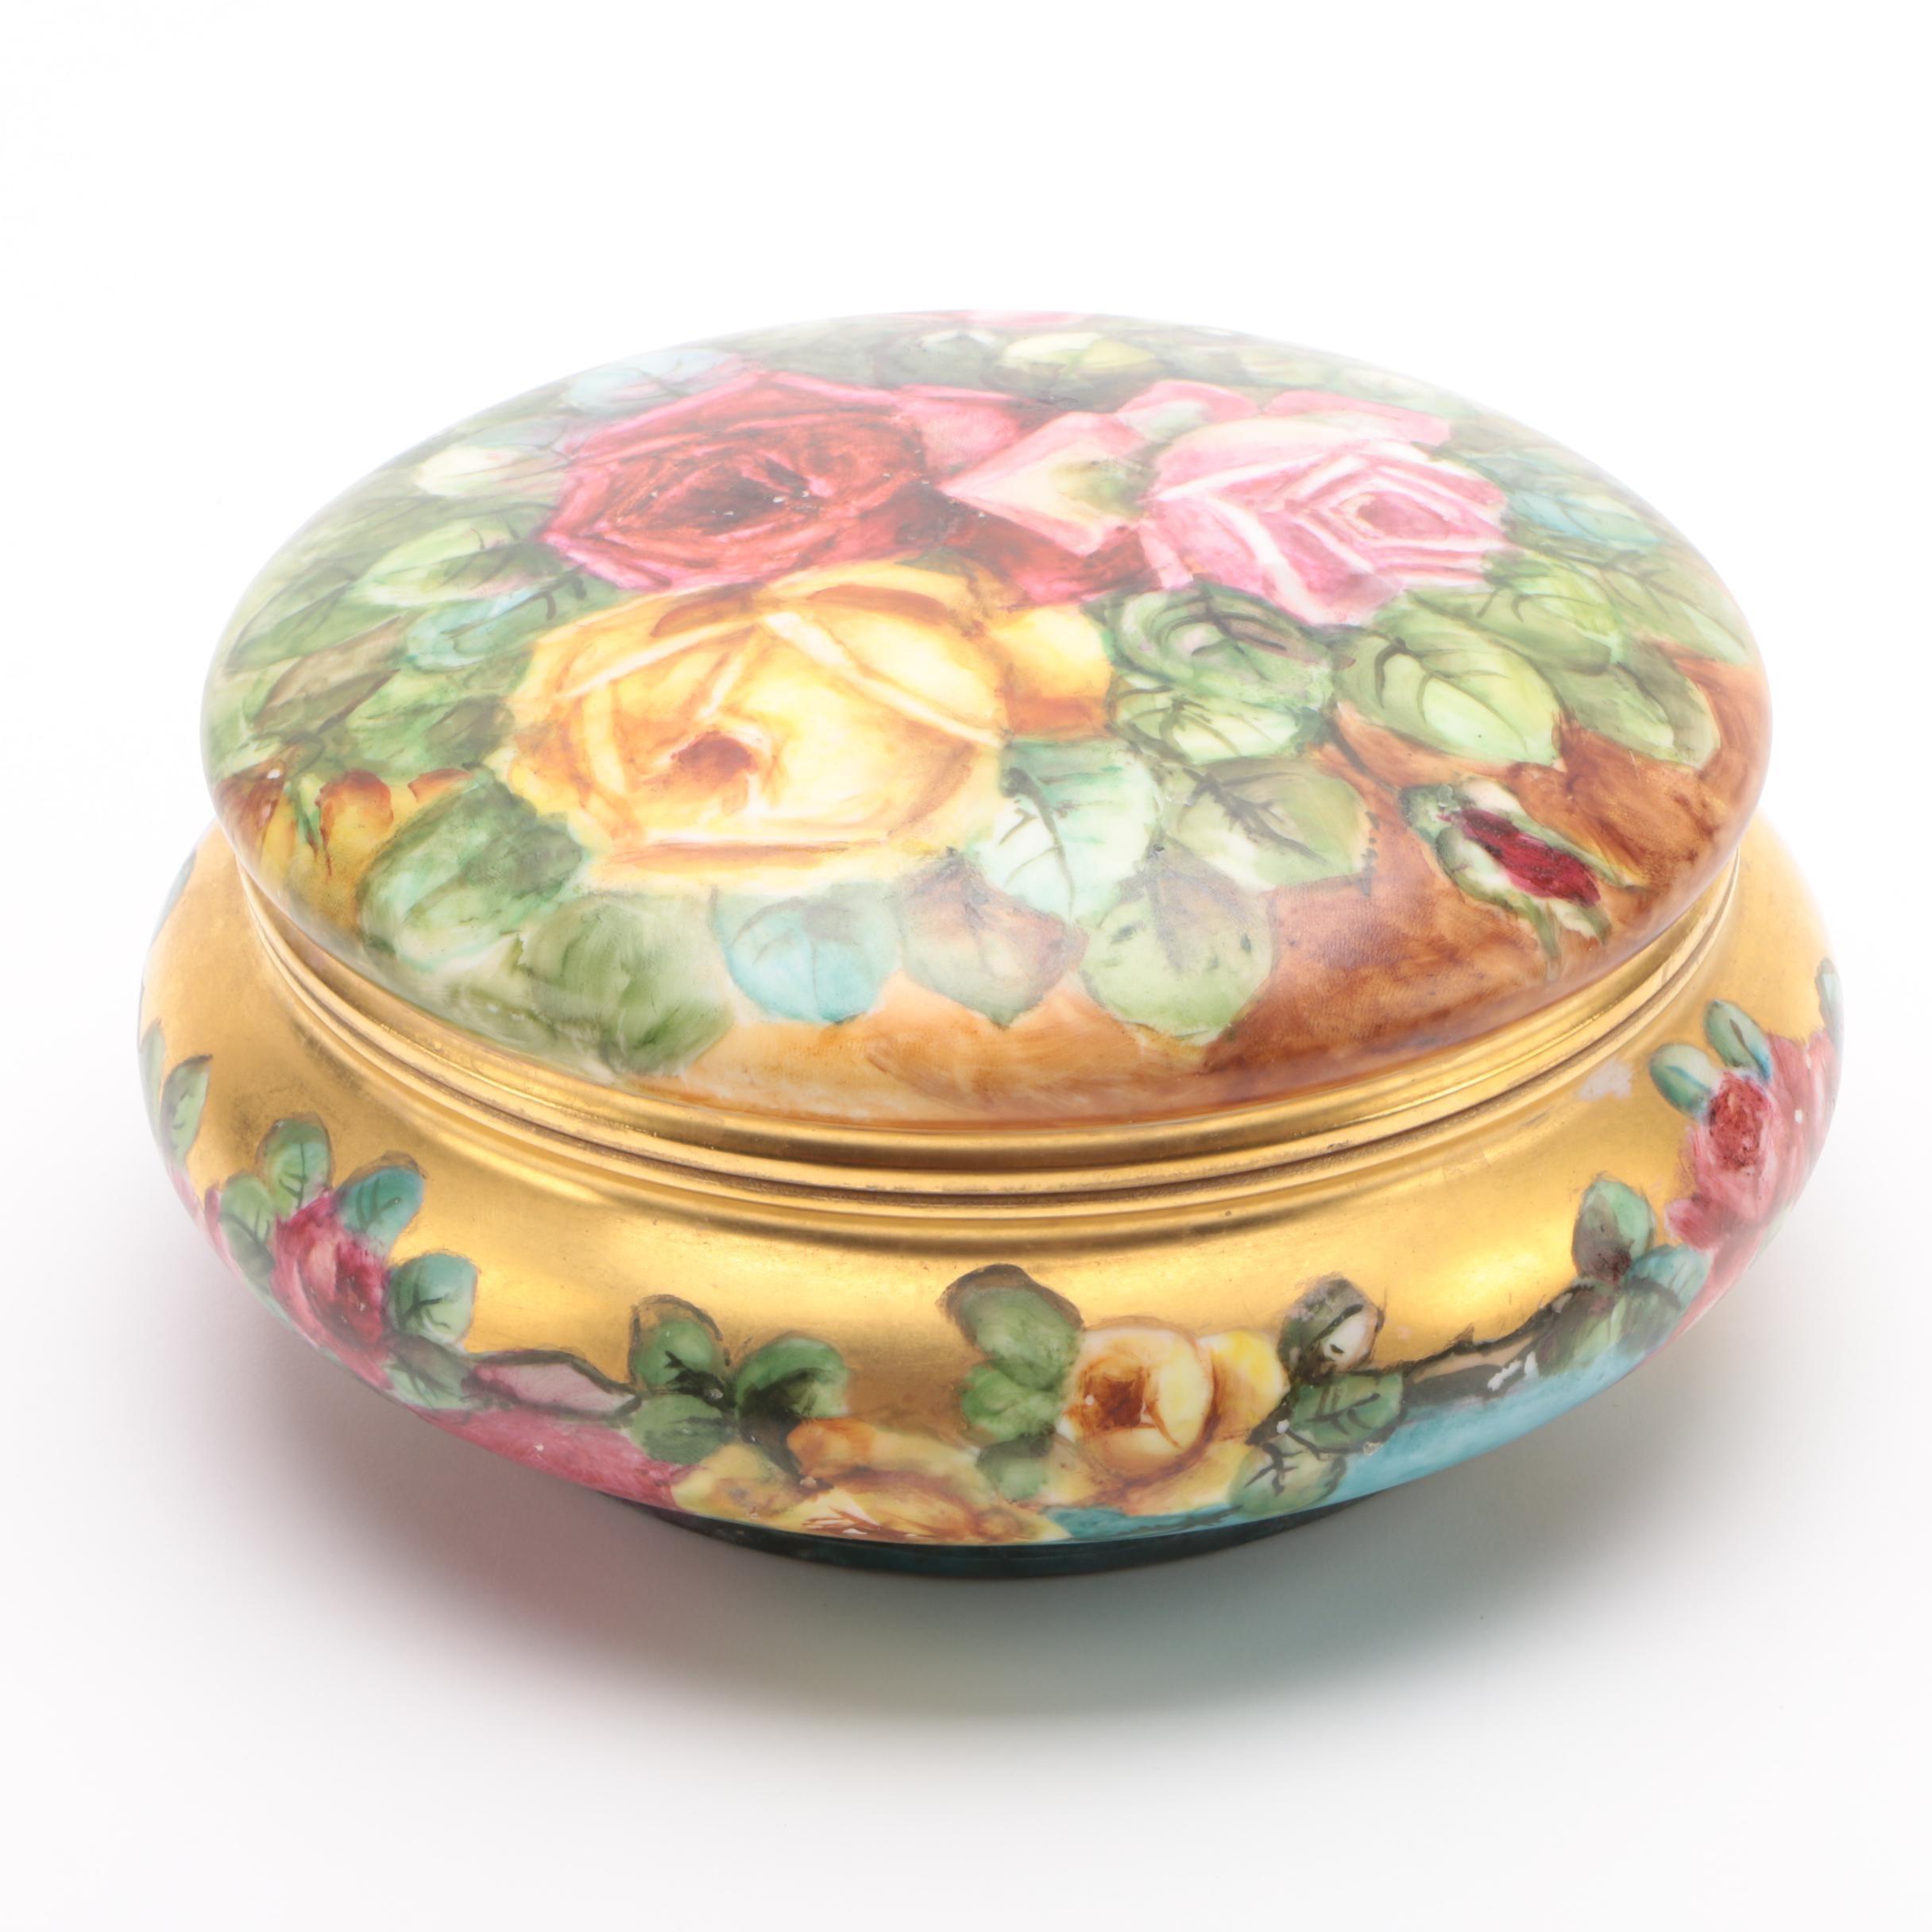 Vintage Limoges France Porcelain Trinket Box with Floral Motif